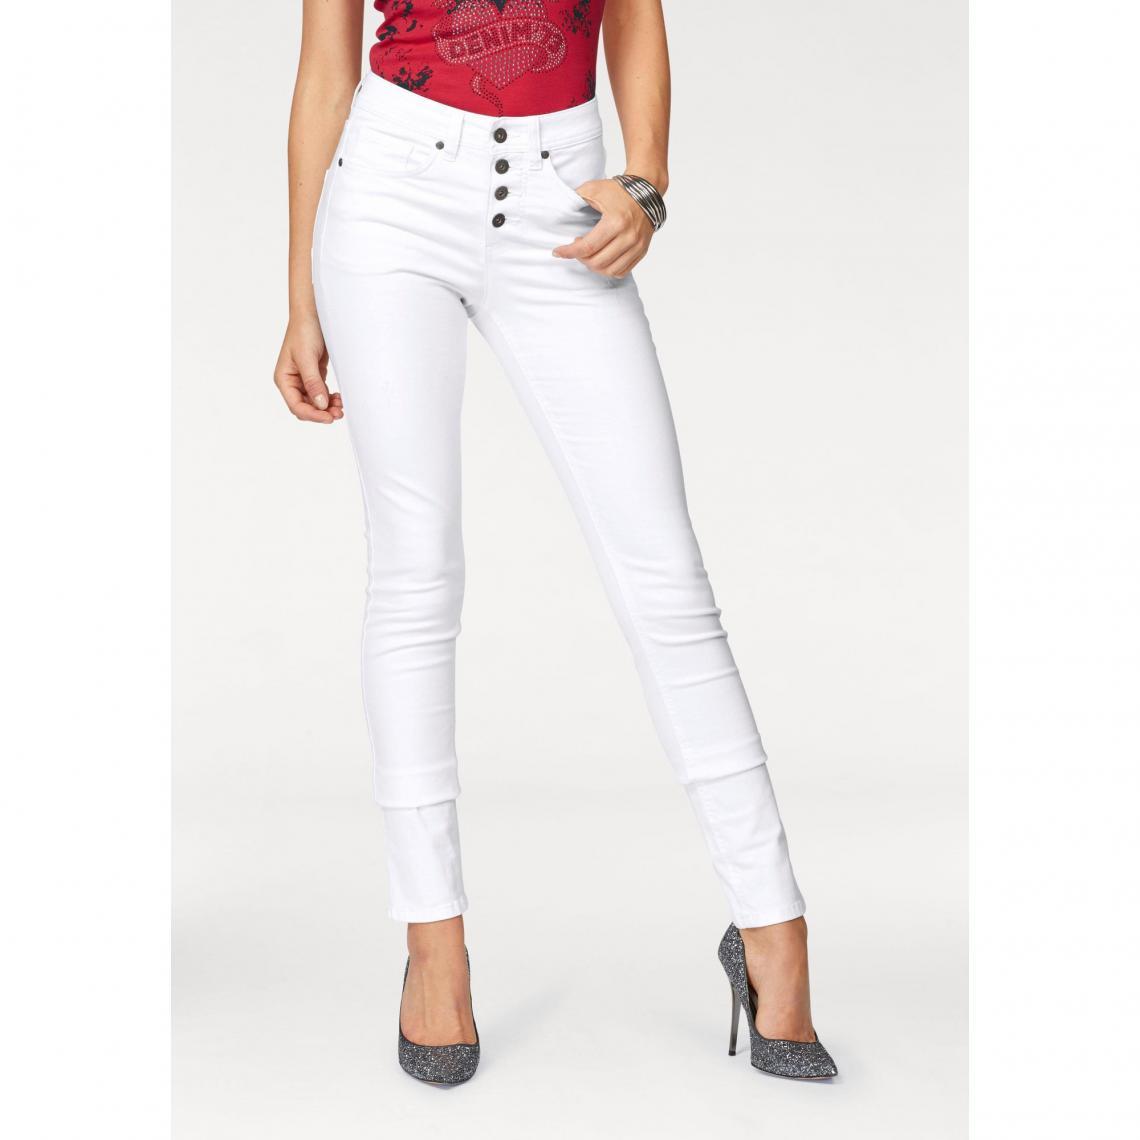 pantalon blanc slim femme